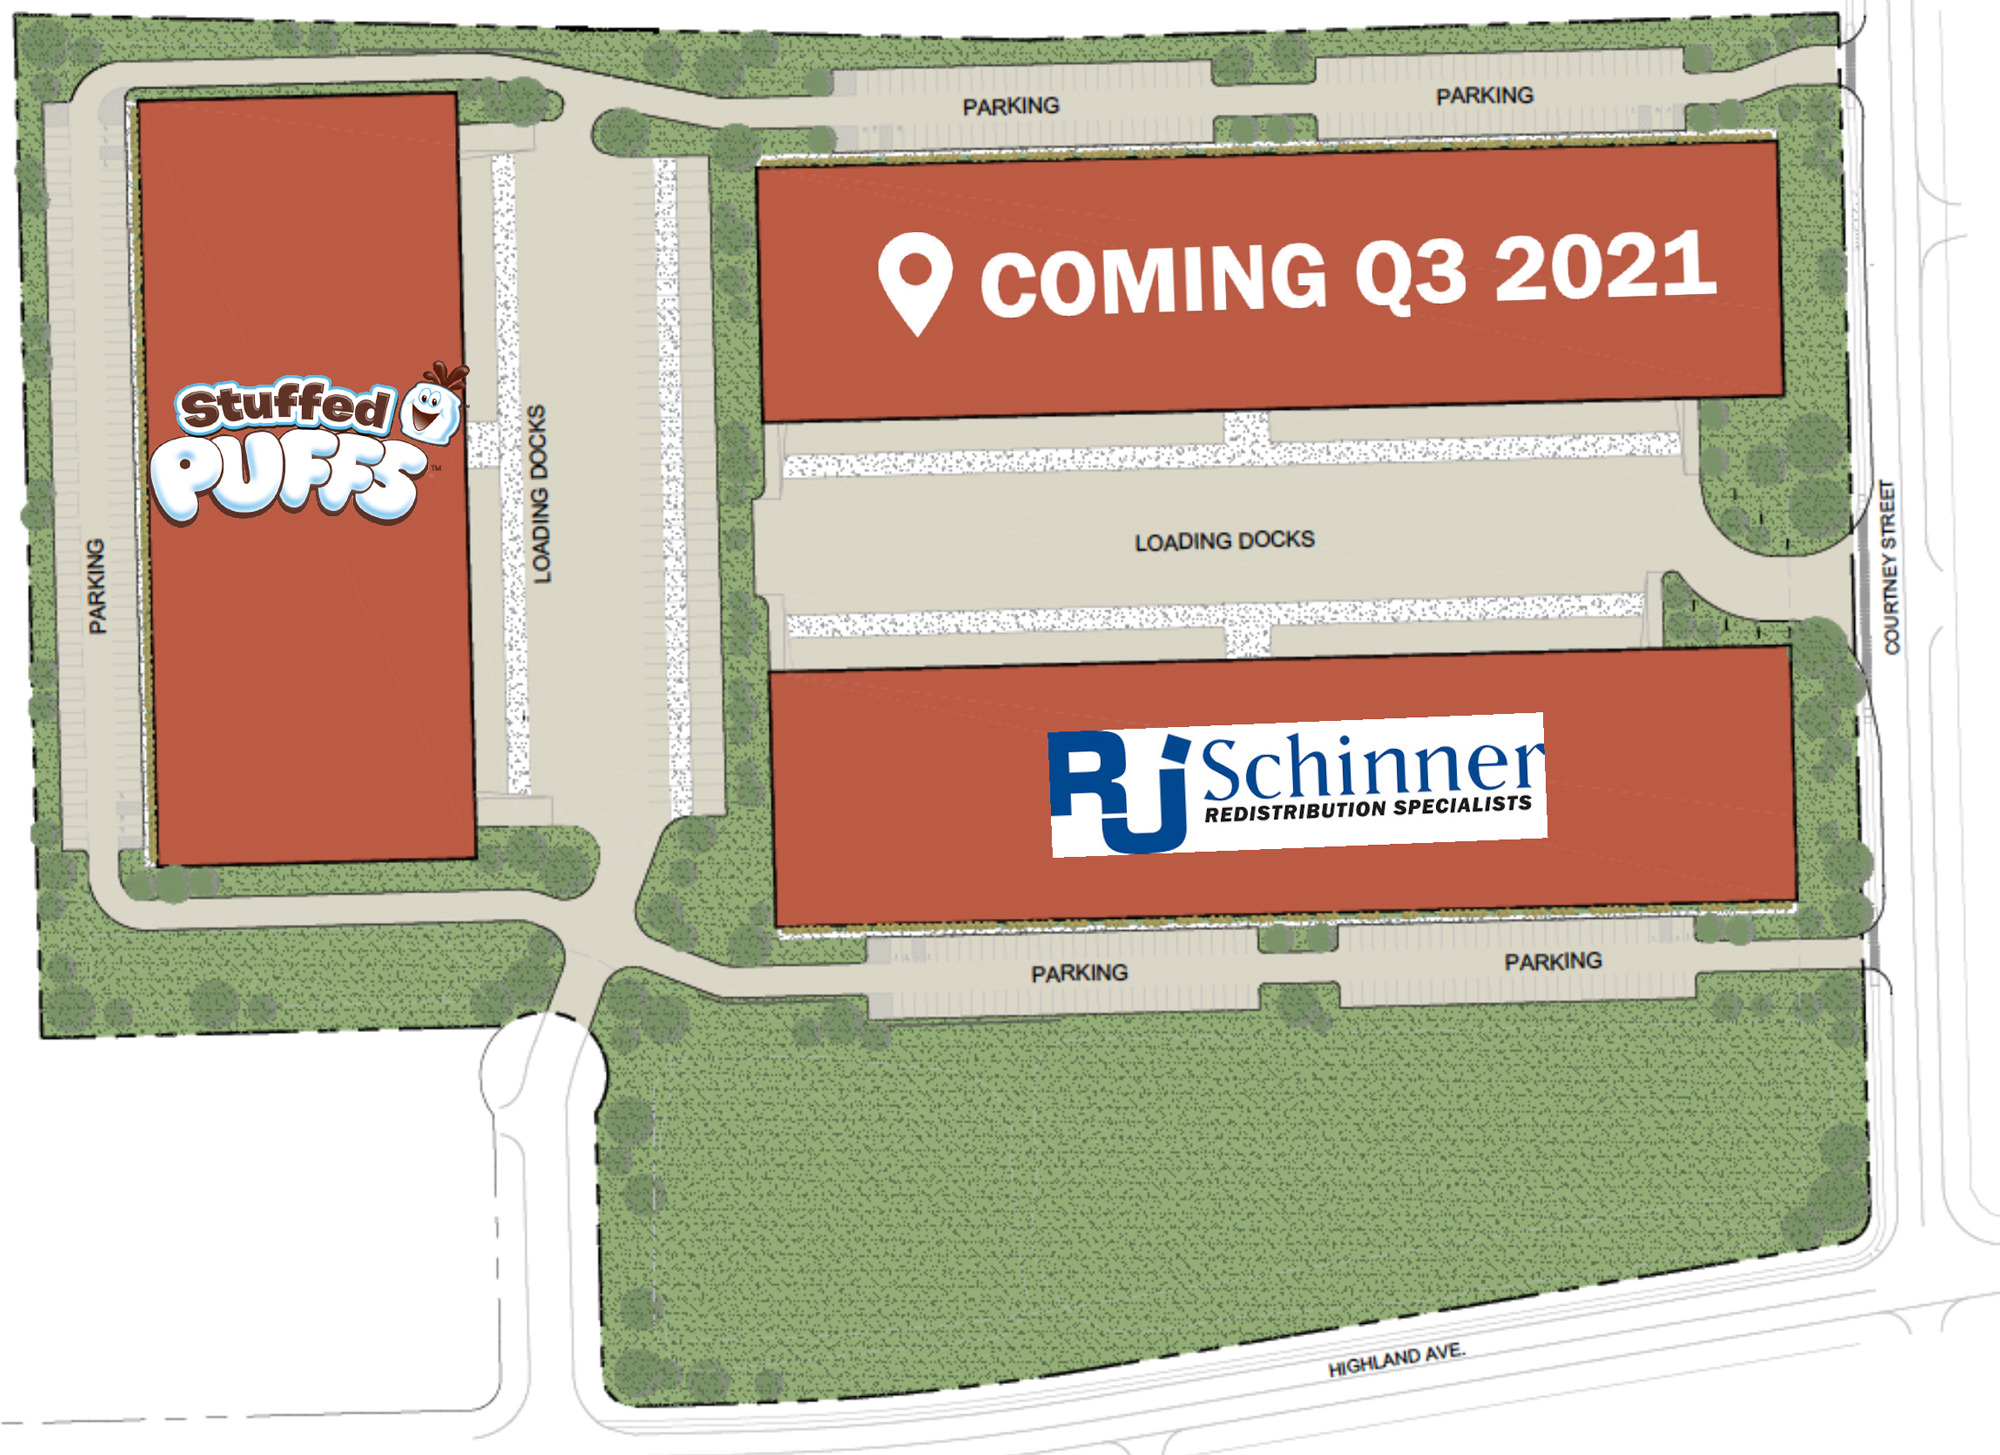 Lehigh Valley Flex Center Site Plan 2021